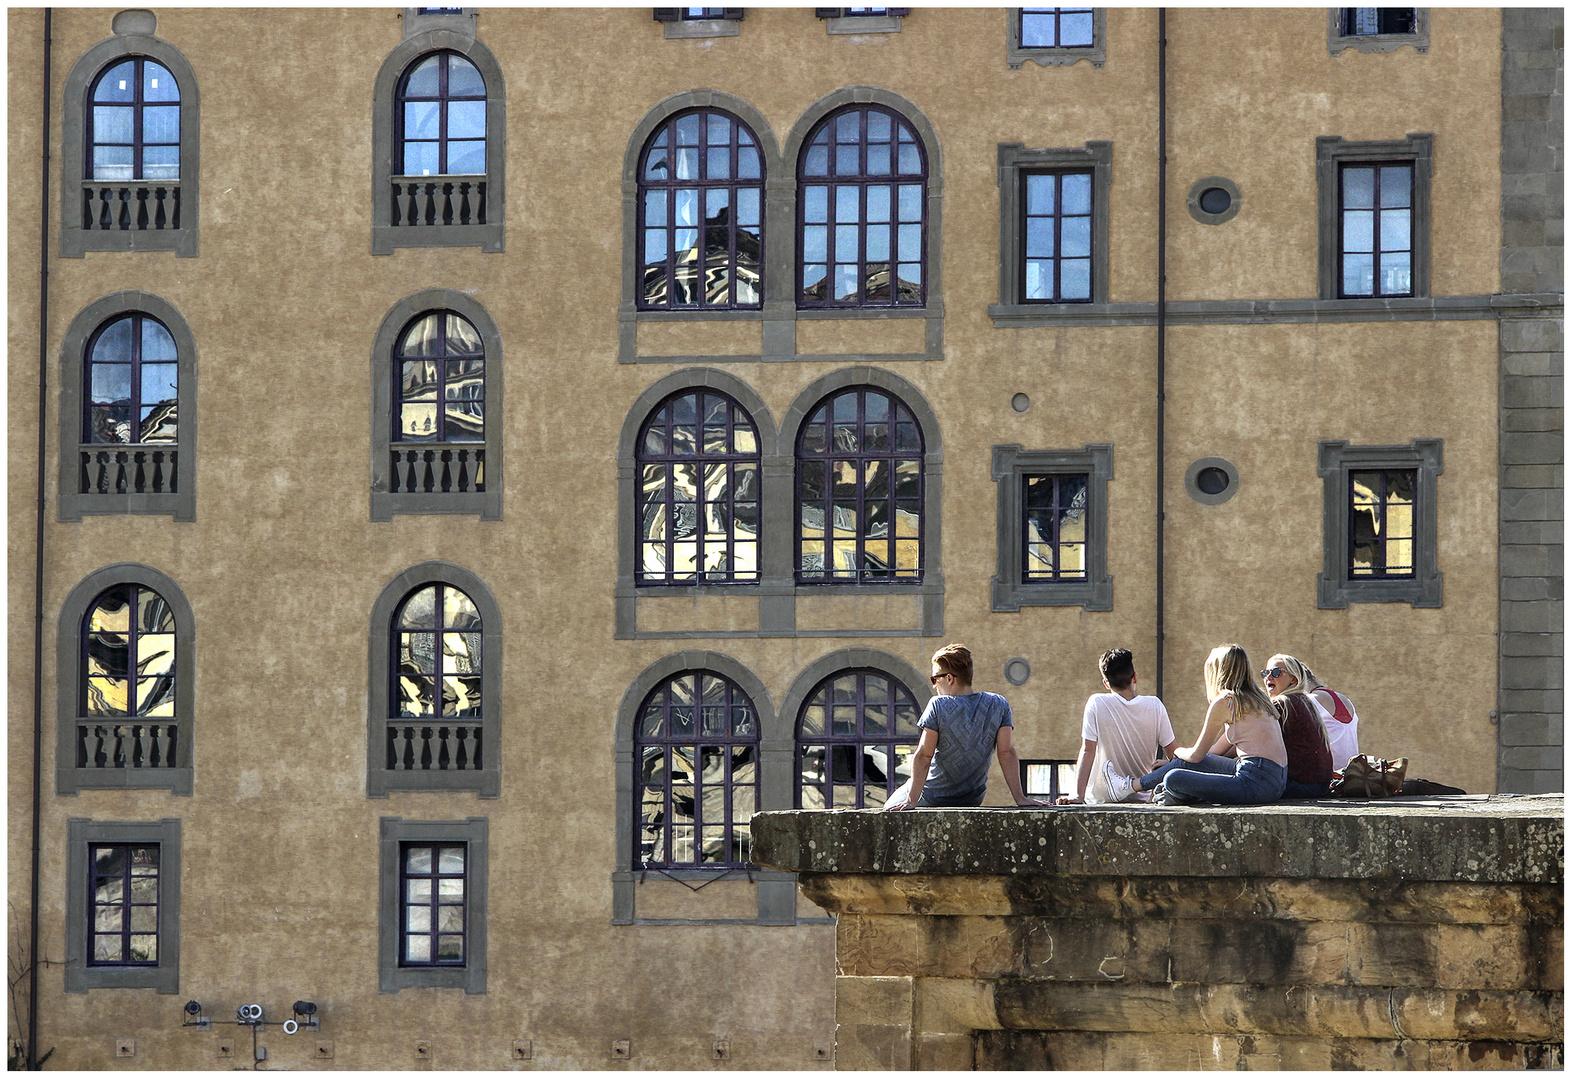 Finestre e balconi foto immagini firenze giovani finestre foto su fotocommunity - Finestre firenze ...